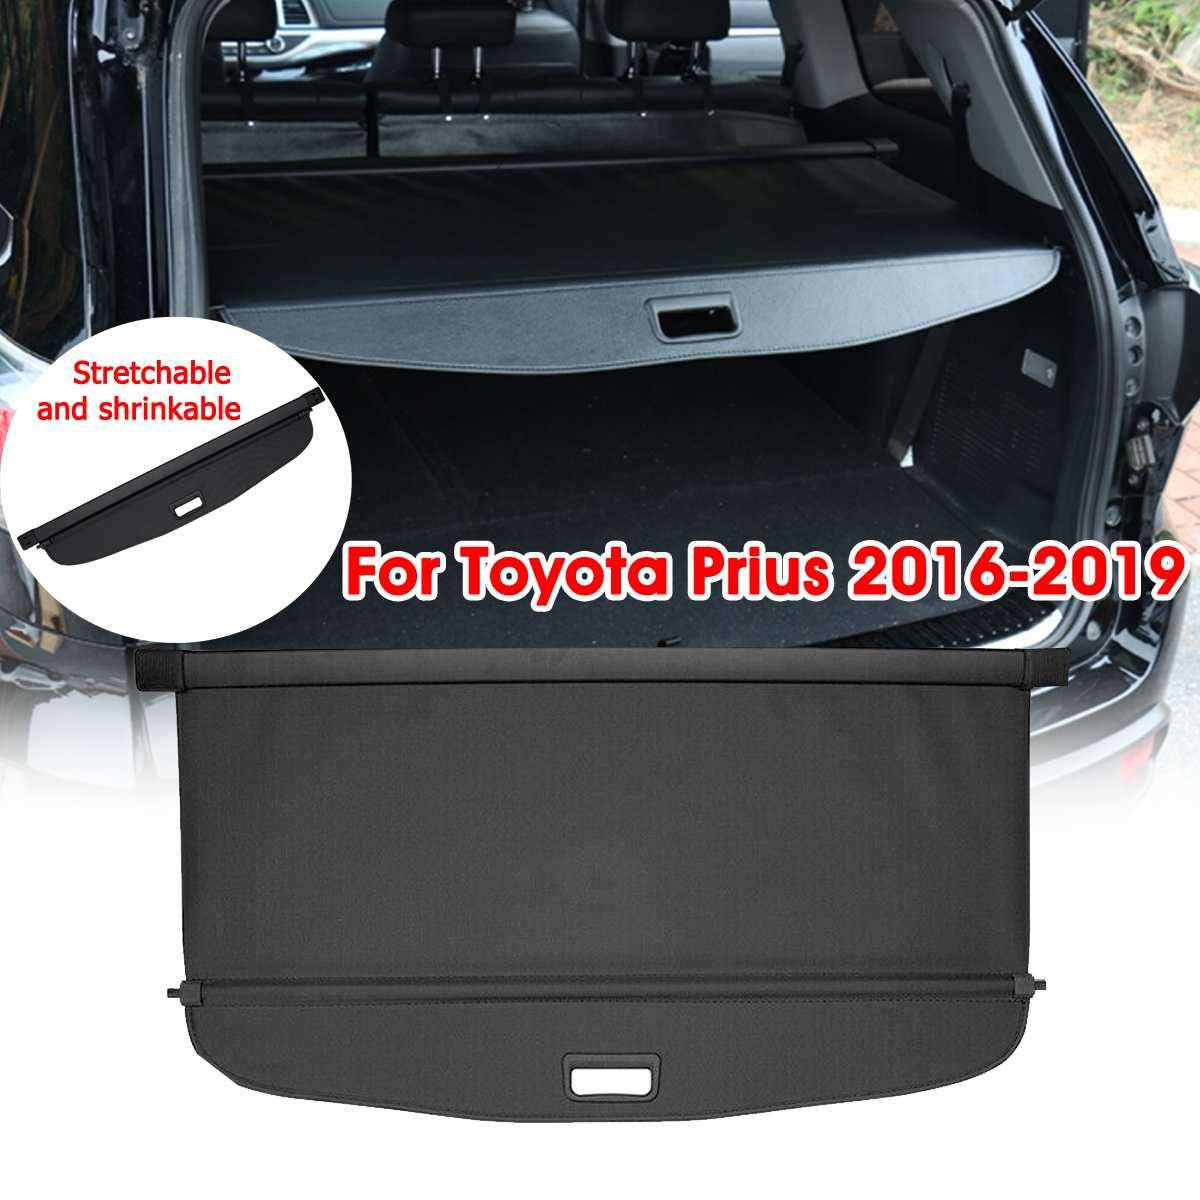 Audew Auto Stamm Schatten Hinten Sicherheit Fracht Abdeckung Aluminium Auto Hinten Cargo Bildschirm Sicherheit Schild Schatten Für Toyota Prius 2016 -2019